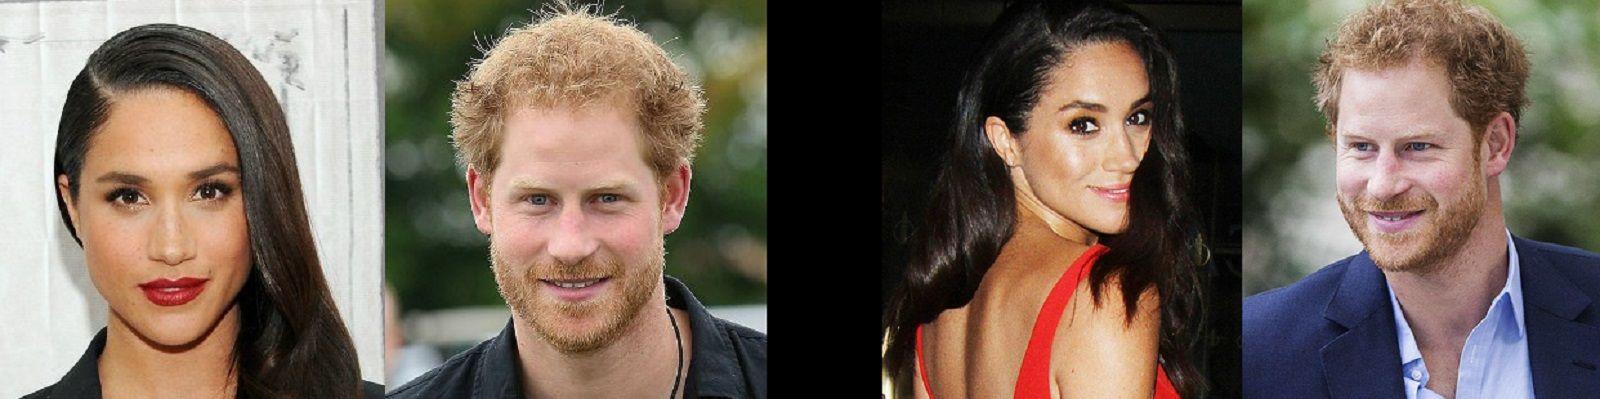 Il Principe Harry ha chiesto a Meghan Markle di sposarlo?